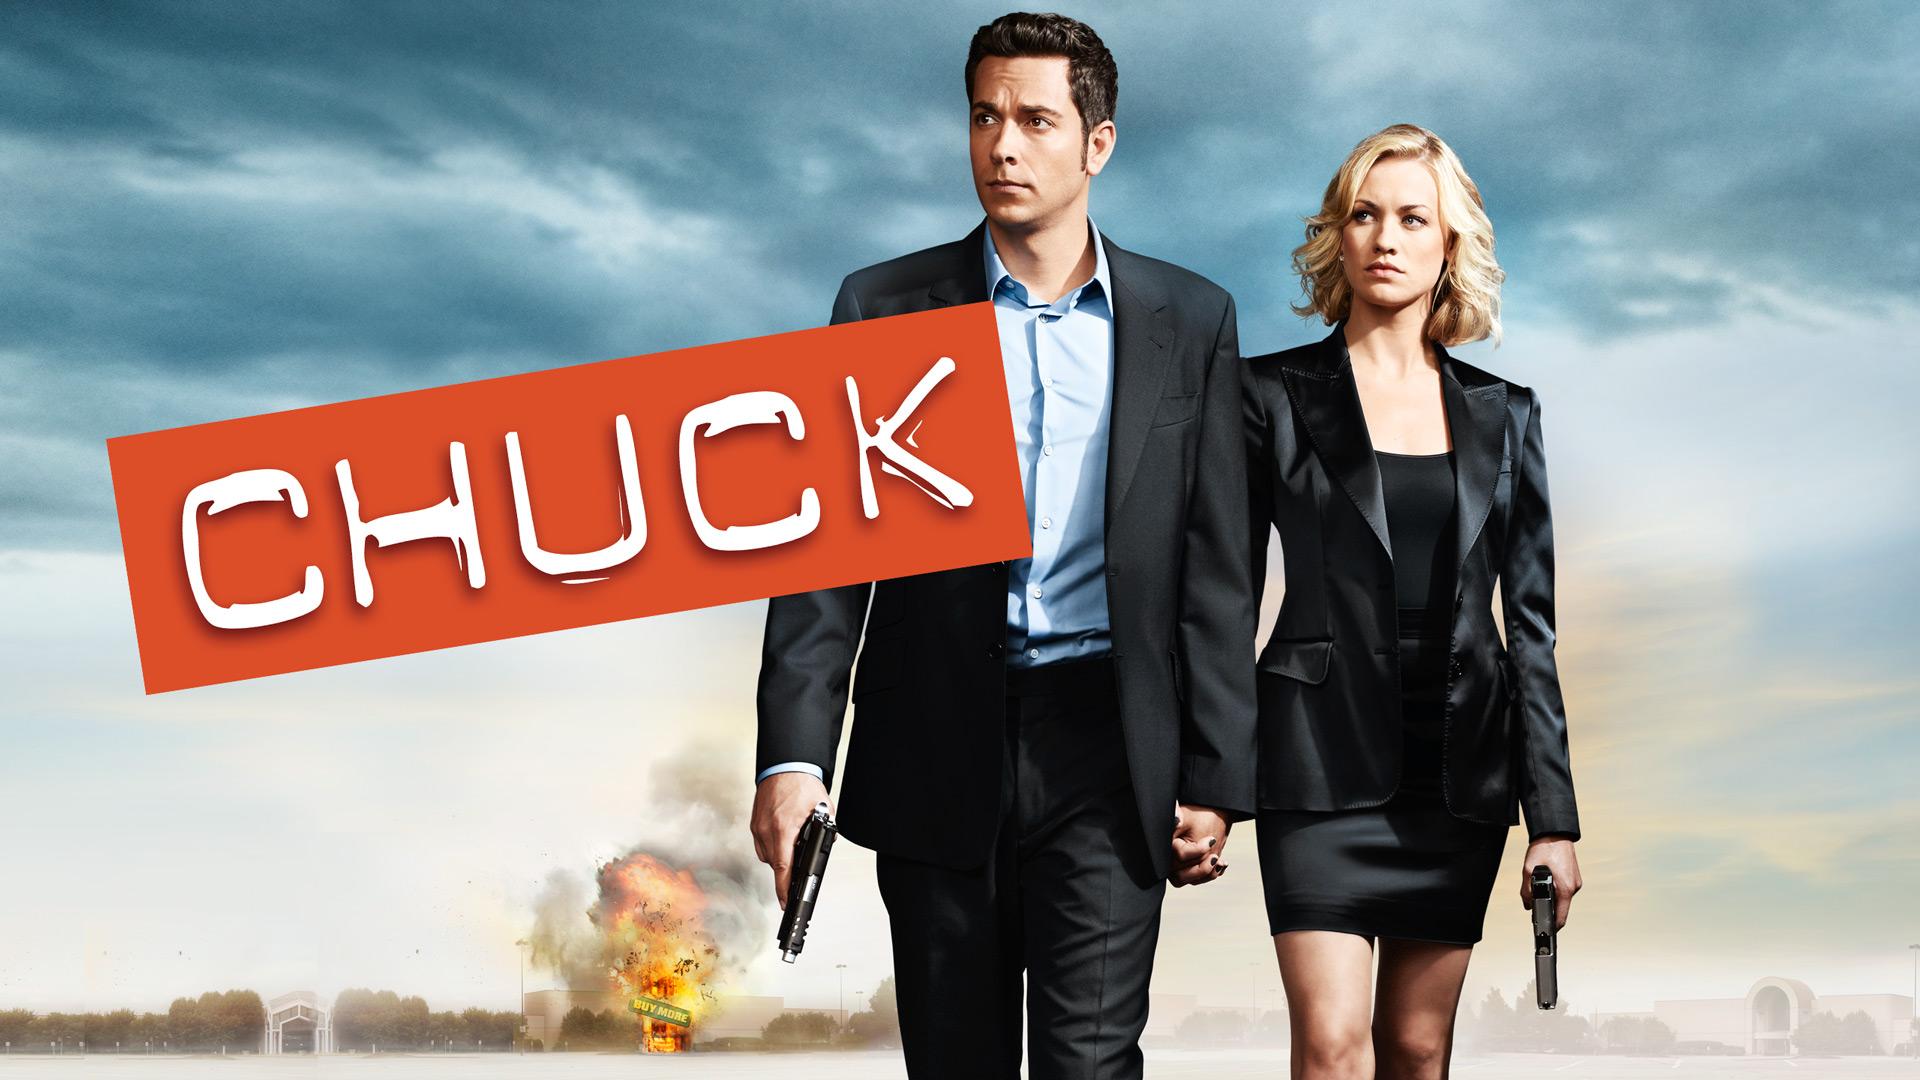 Chuck Cast Nbc Com